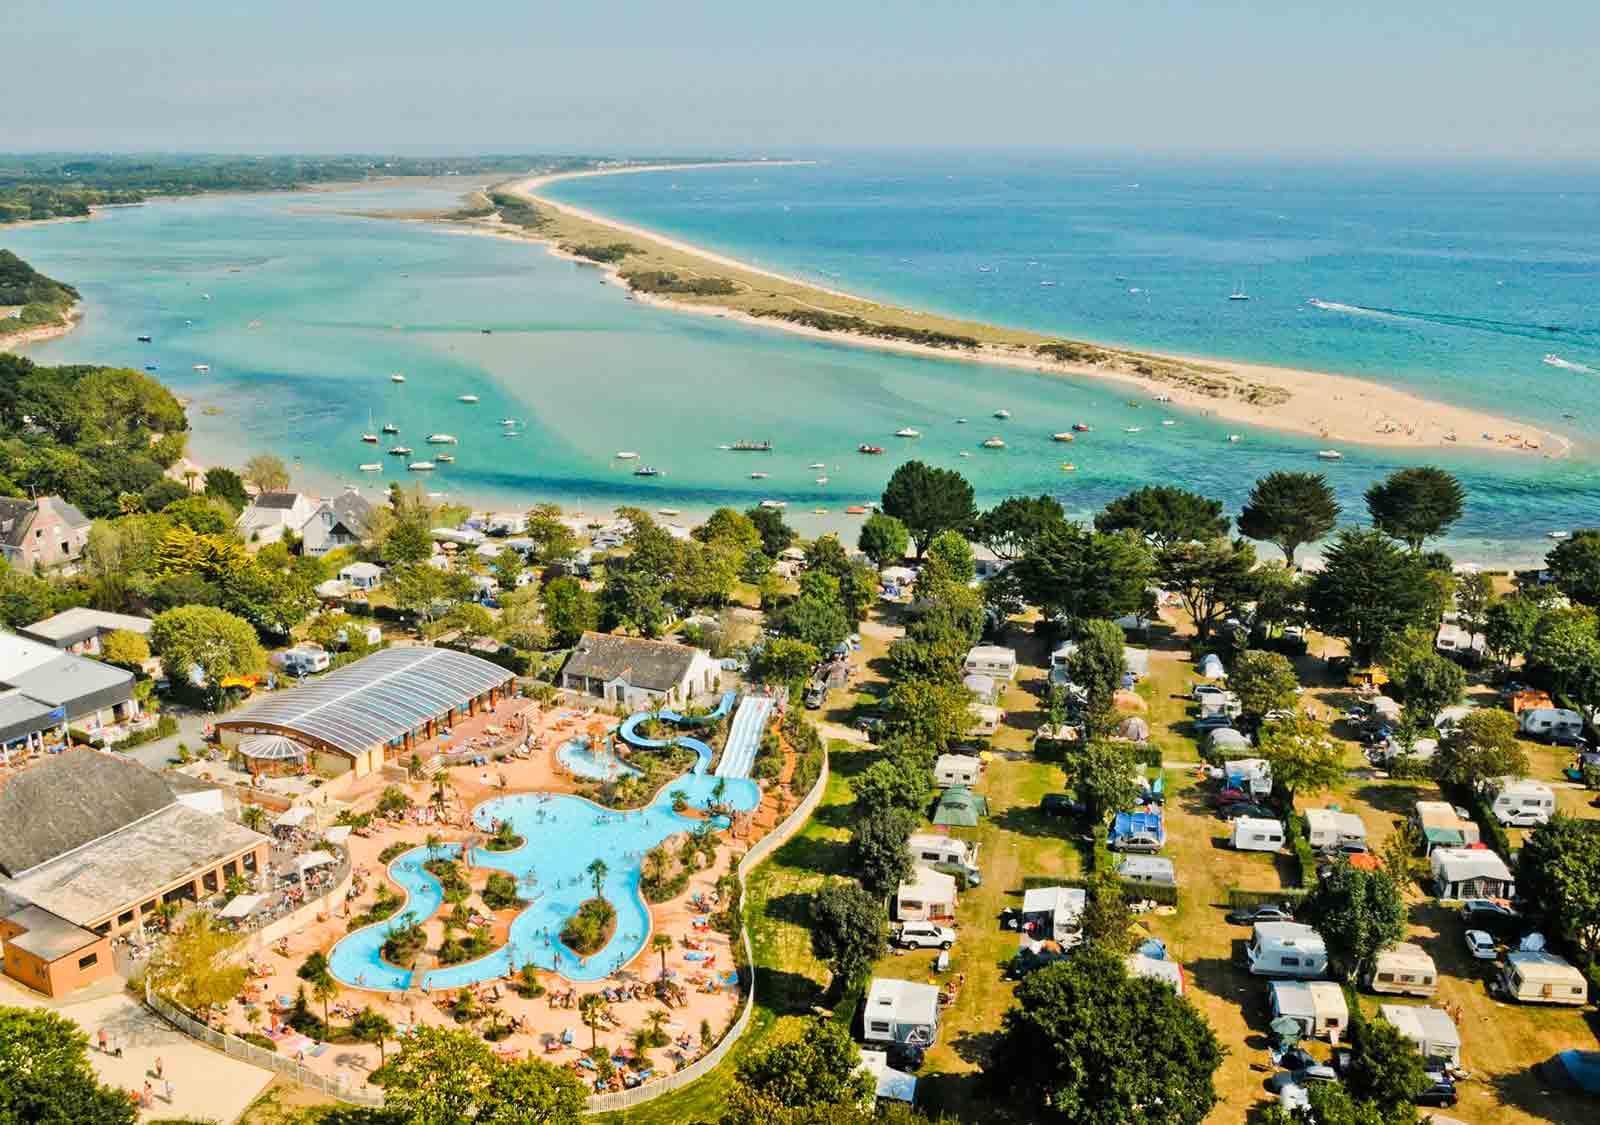 Camping Avec Parc Aquatique, Bassin, Espace, Toboggan ... encequiconcerne Camping Var Bord De Mer Avec Piscine